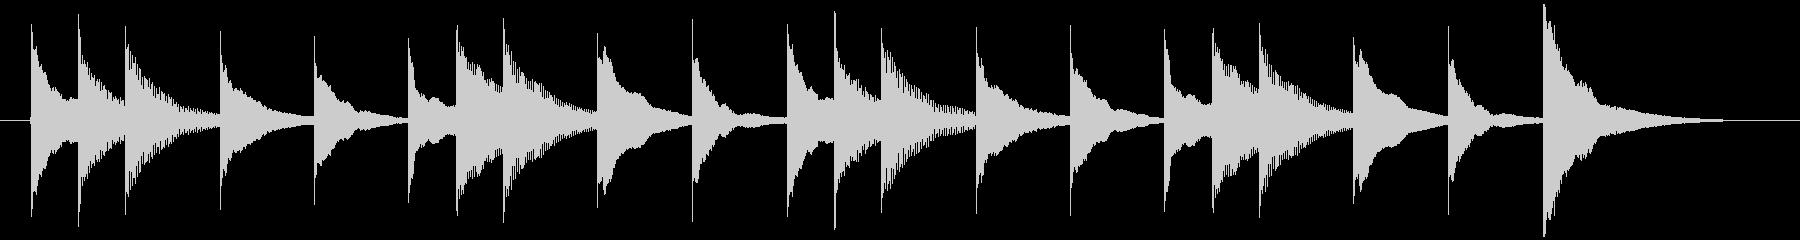 マリンバのシンプルなジングルの未再生の波形